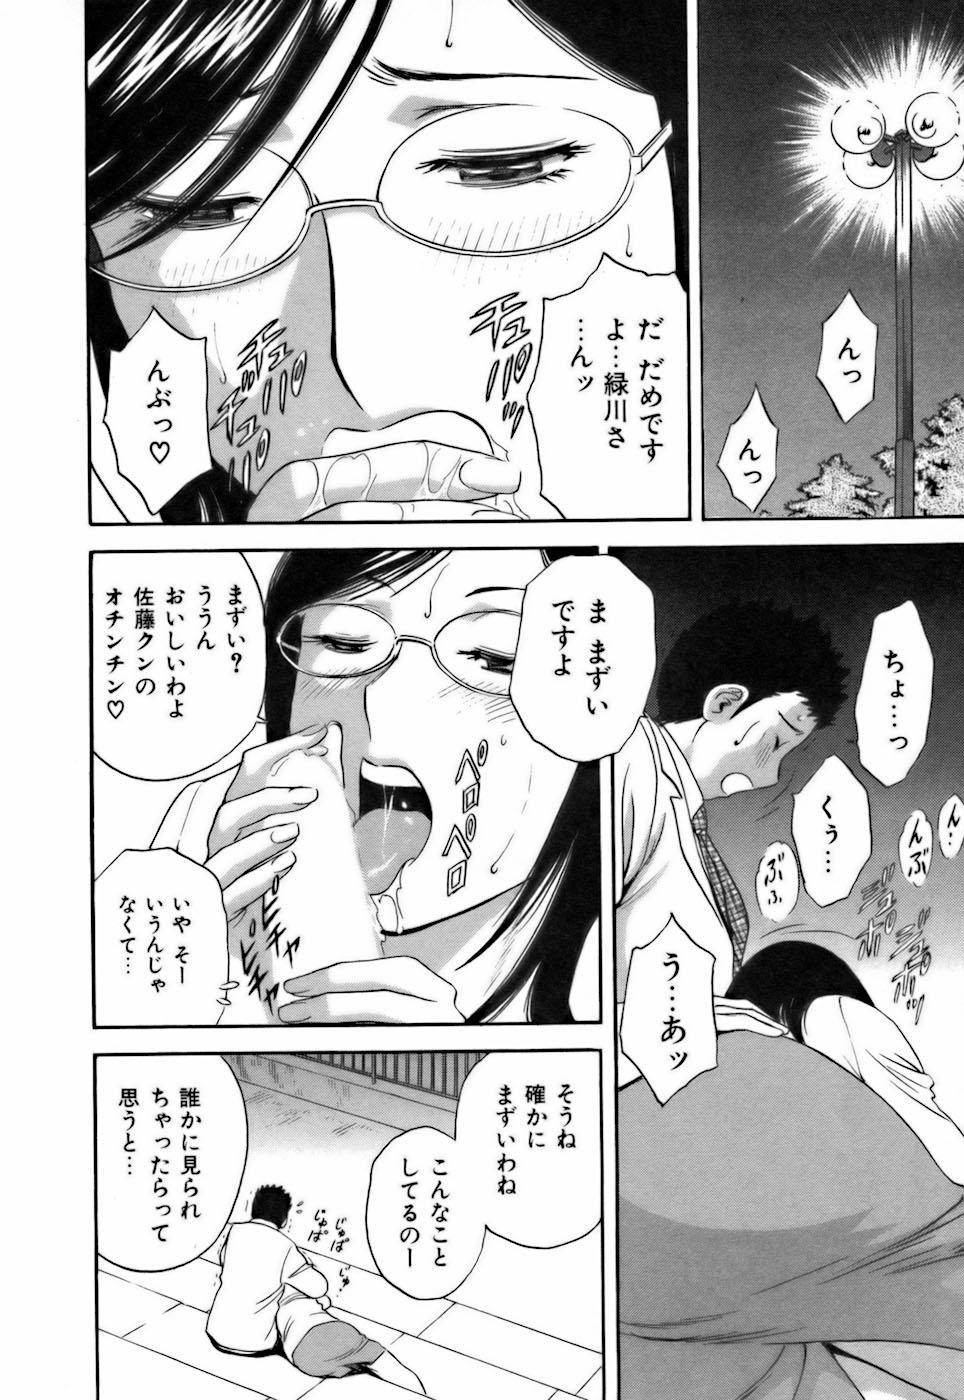 Koisuru Apron 93